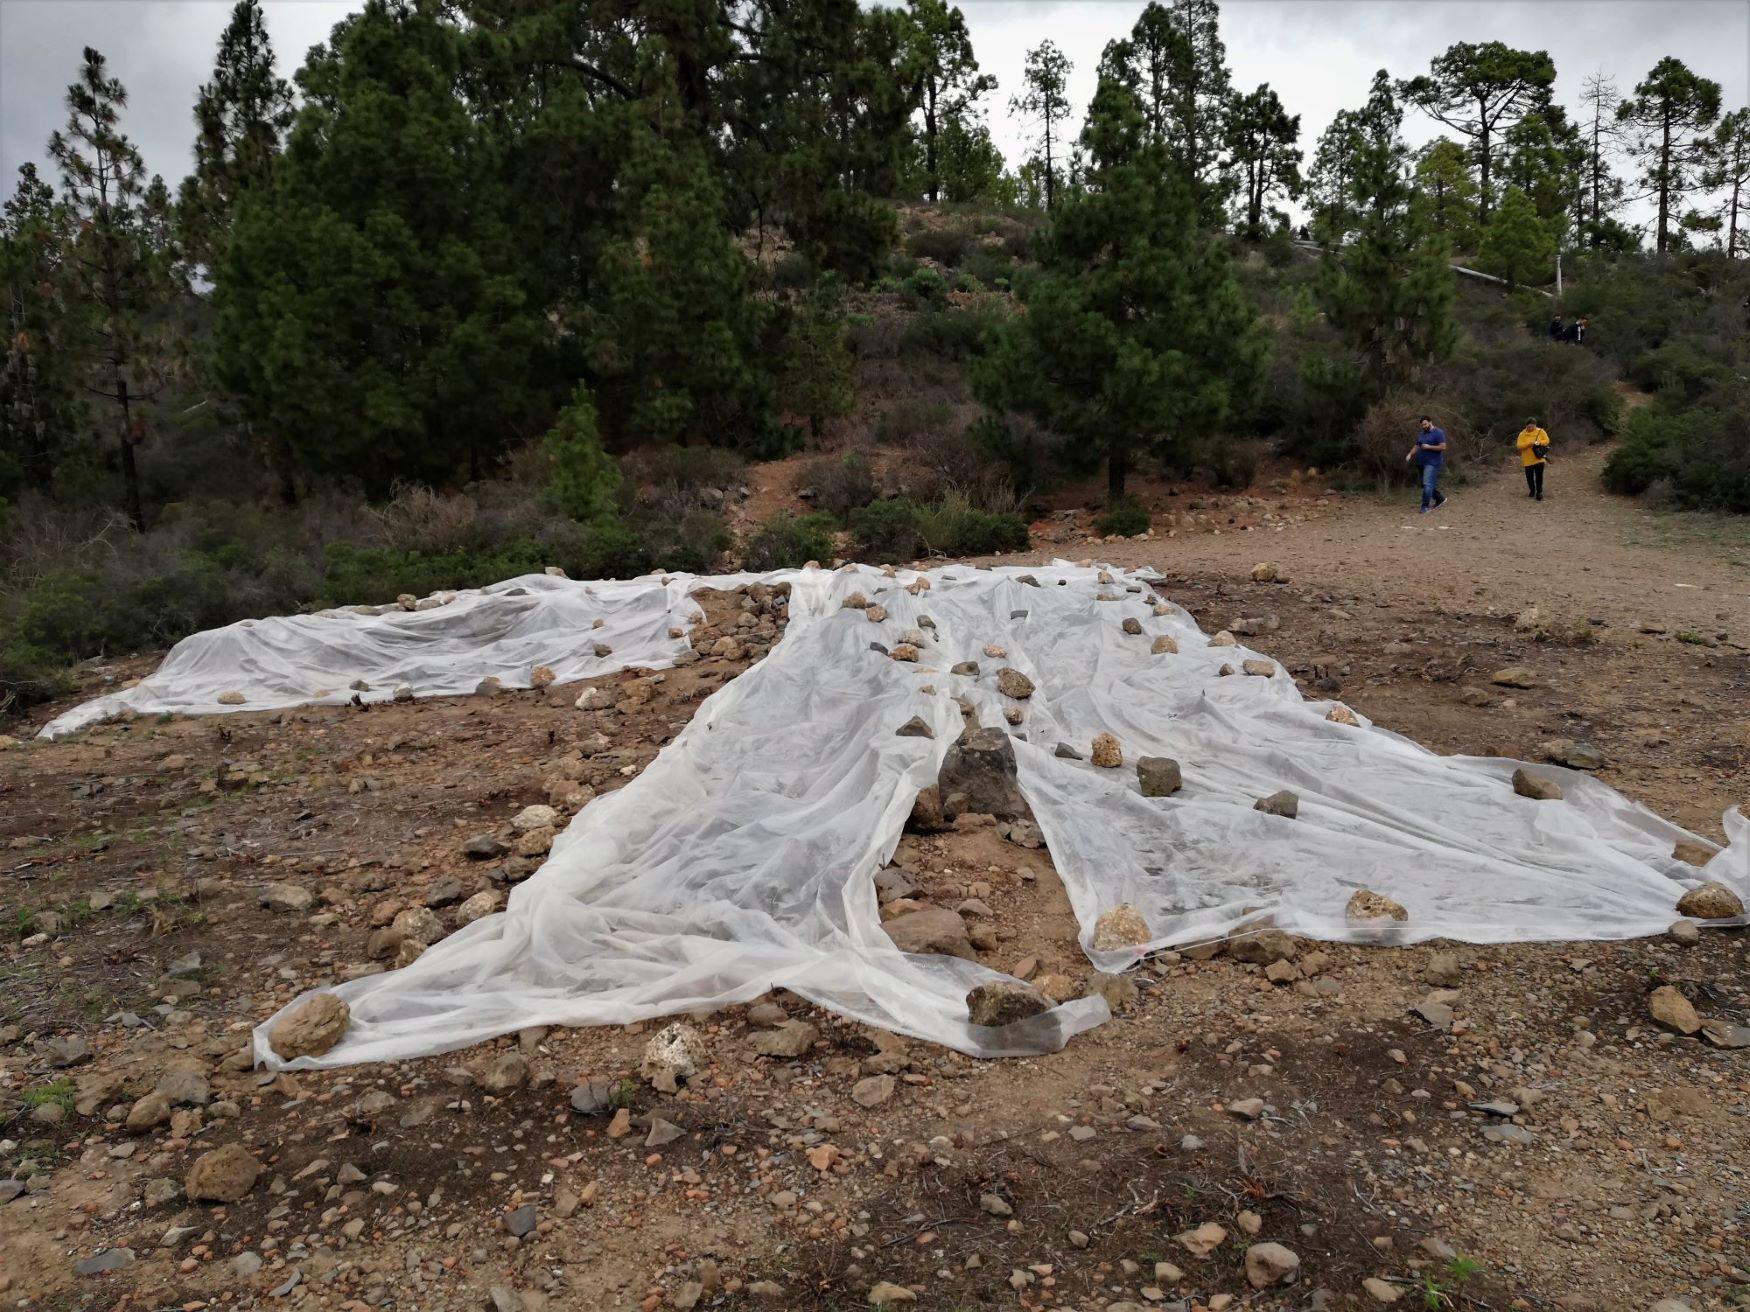 Patrimonio Cultural promueve campañas arqueológicas en el ingenio azucarero de Soler en Vilaflor